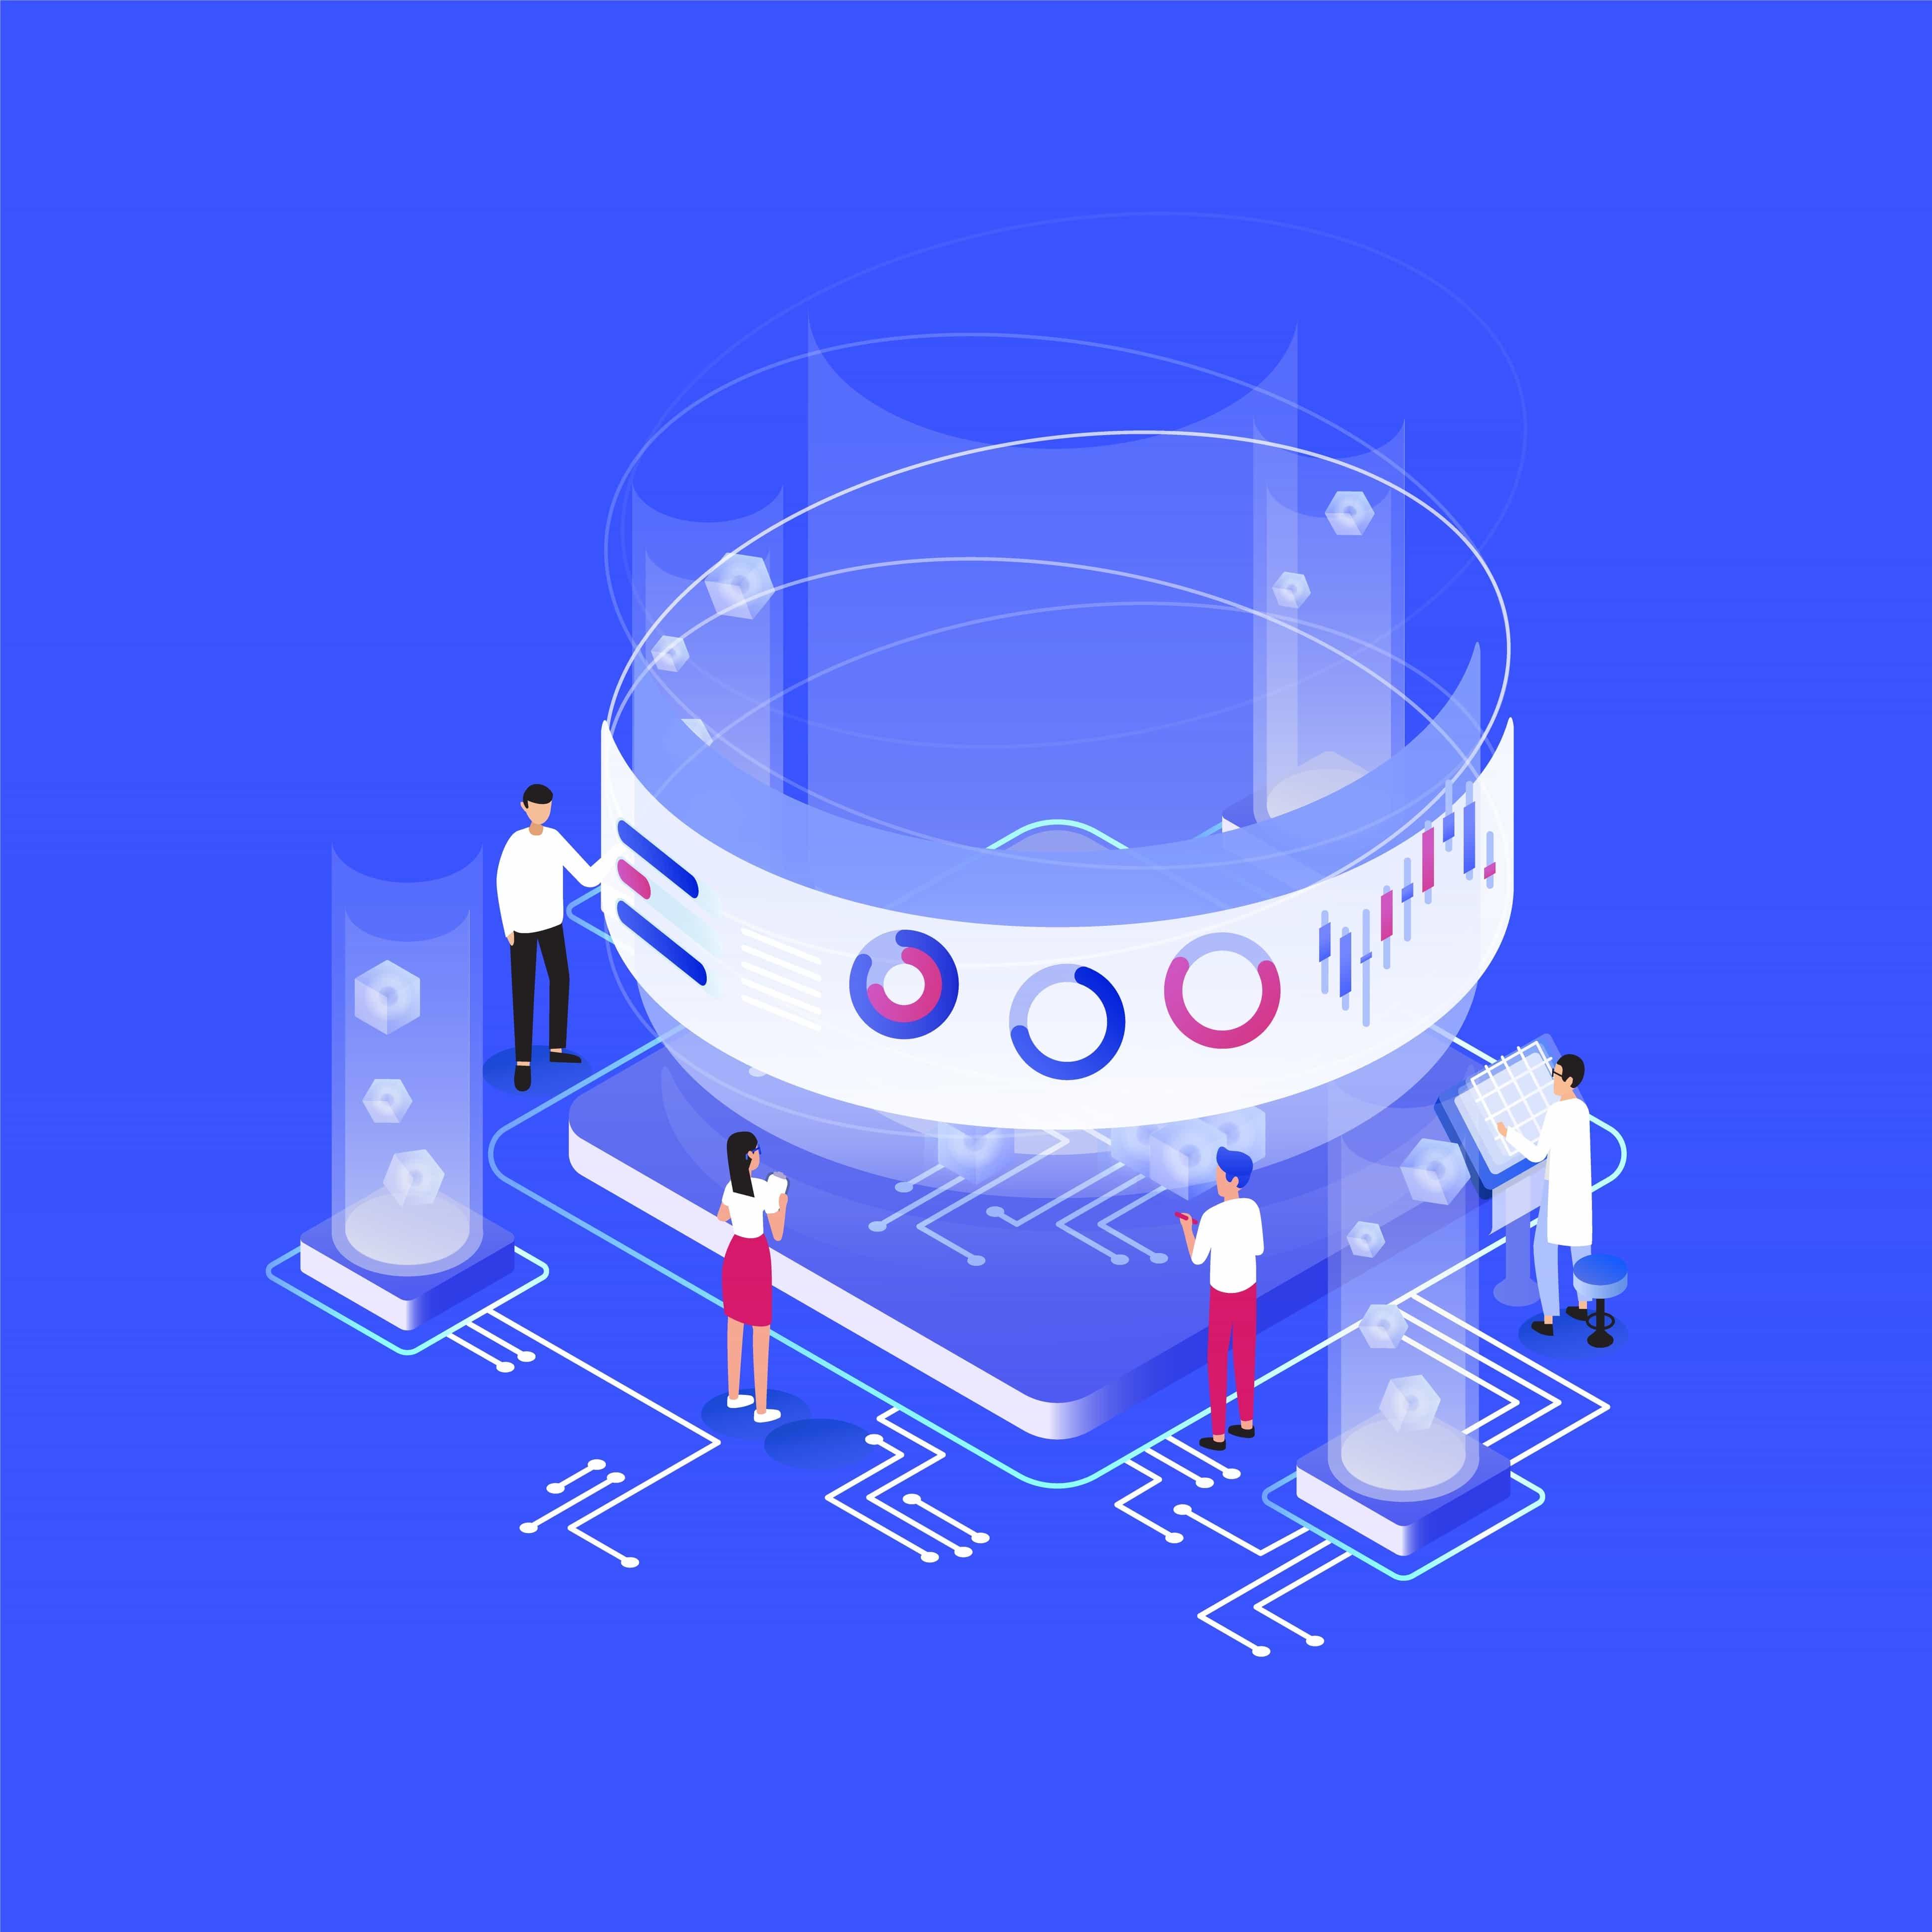 Imagem vetorizada mostrando pessoas trabalhando para proteger dados